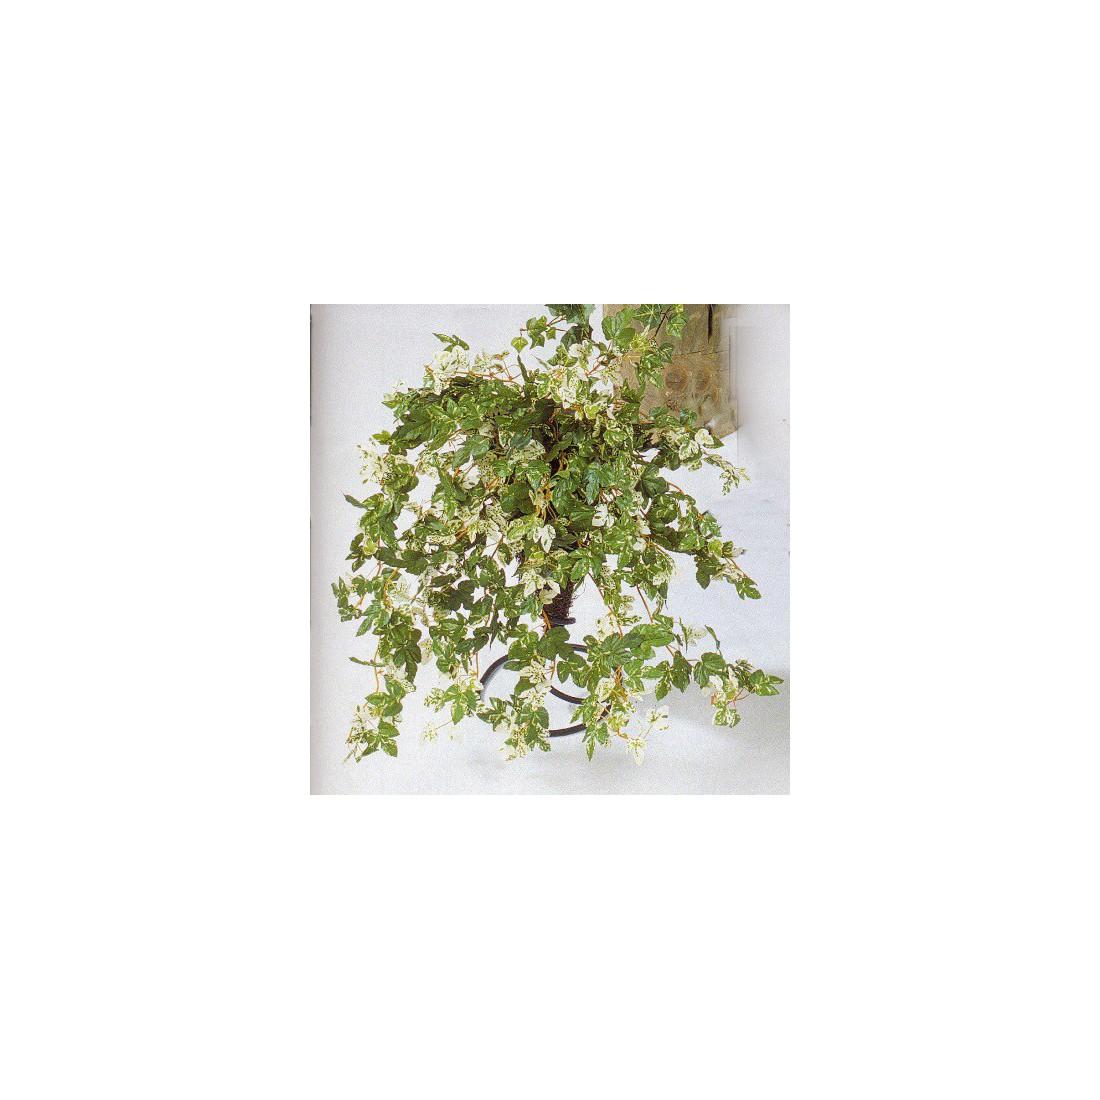 Ampelopsis artificiel mini 50 cm plantes artificielles for Plantes artificielles lyon